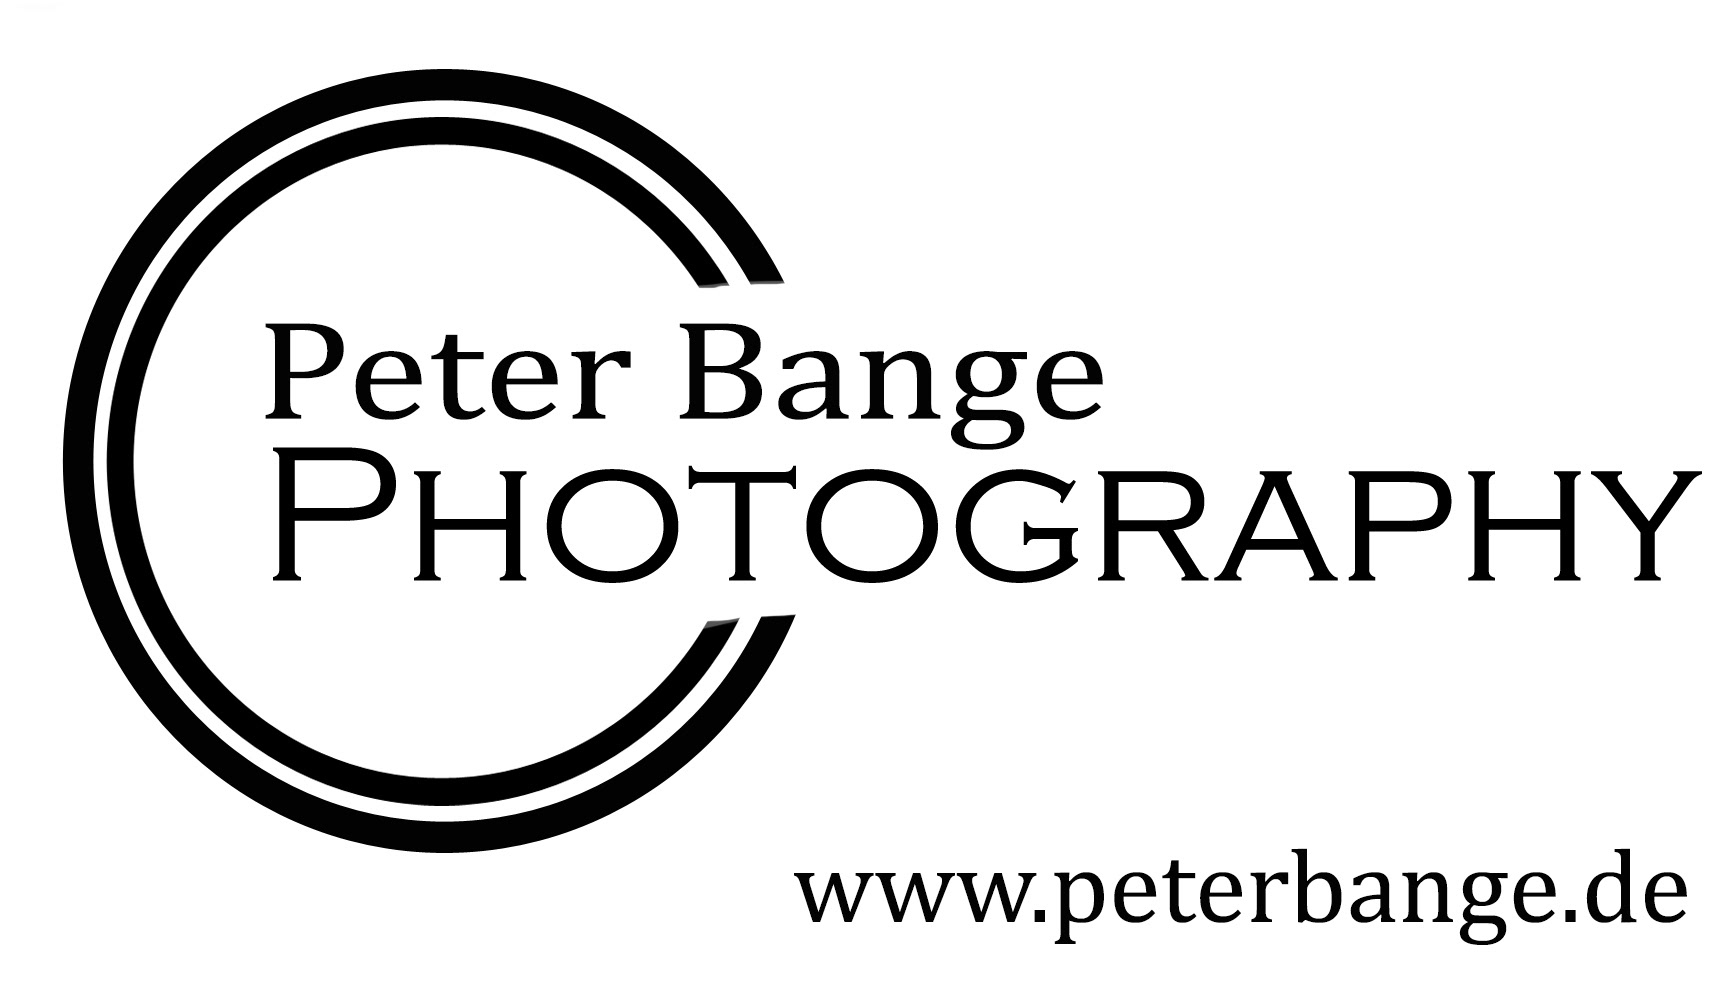 Peter Bange